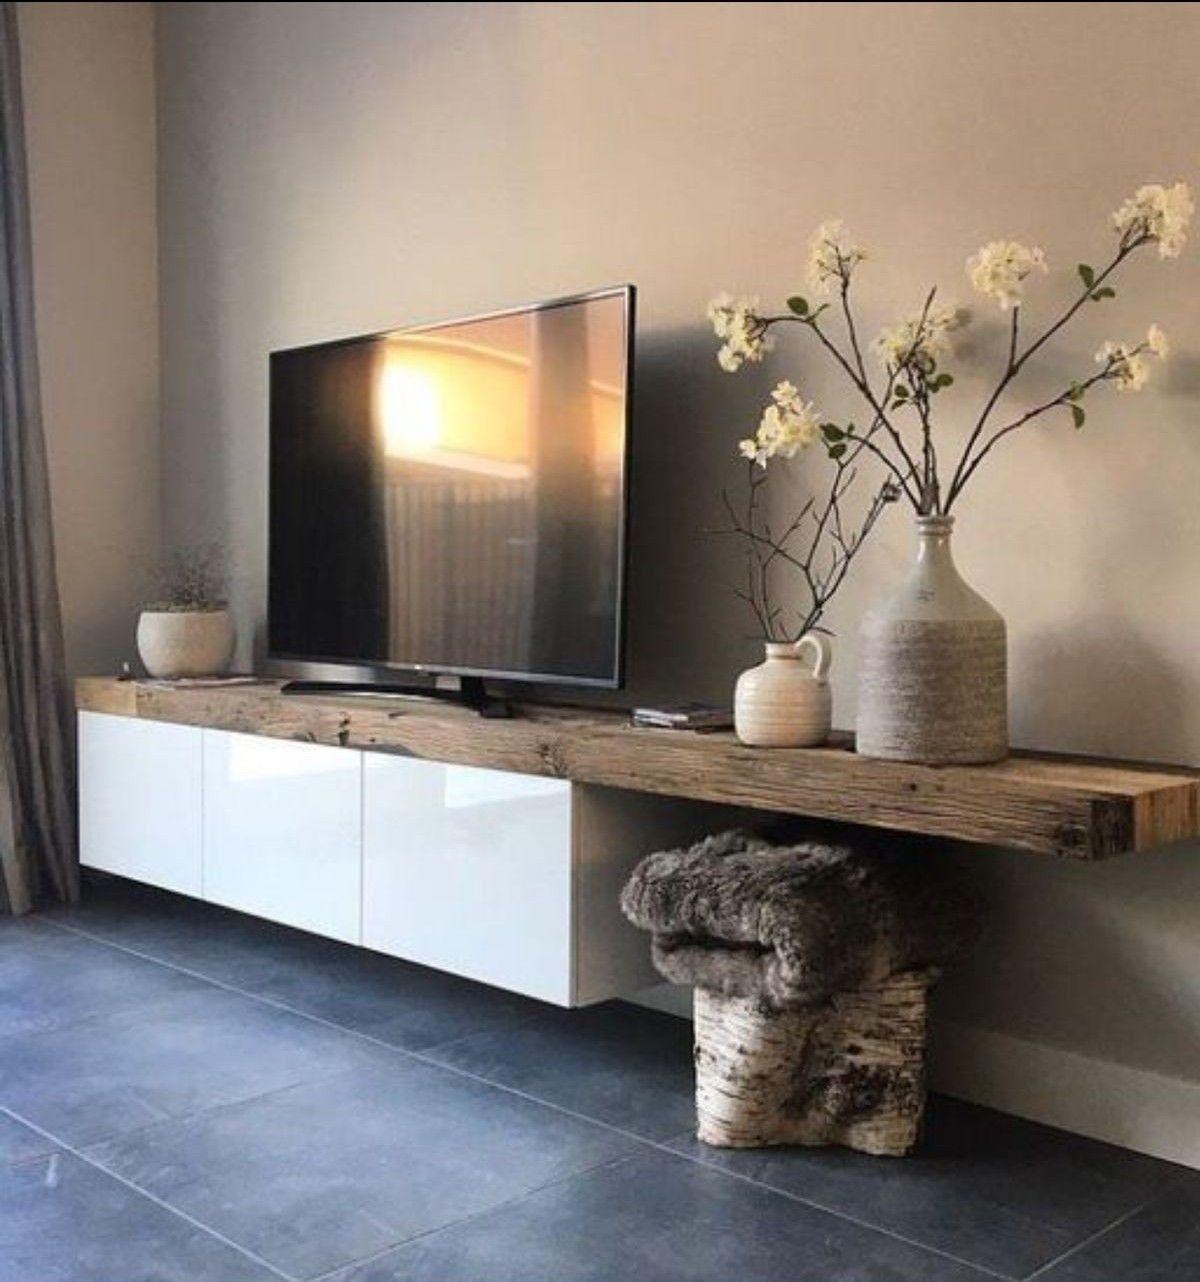 Salon salle à manger décoration maison salon maison mobilier de salon intérieur naturel